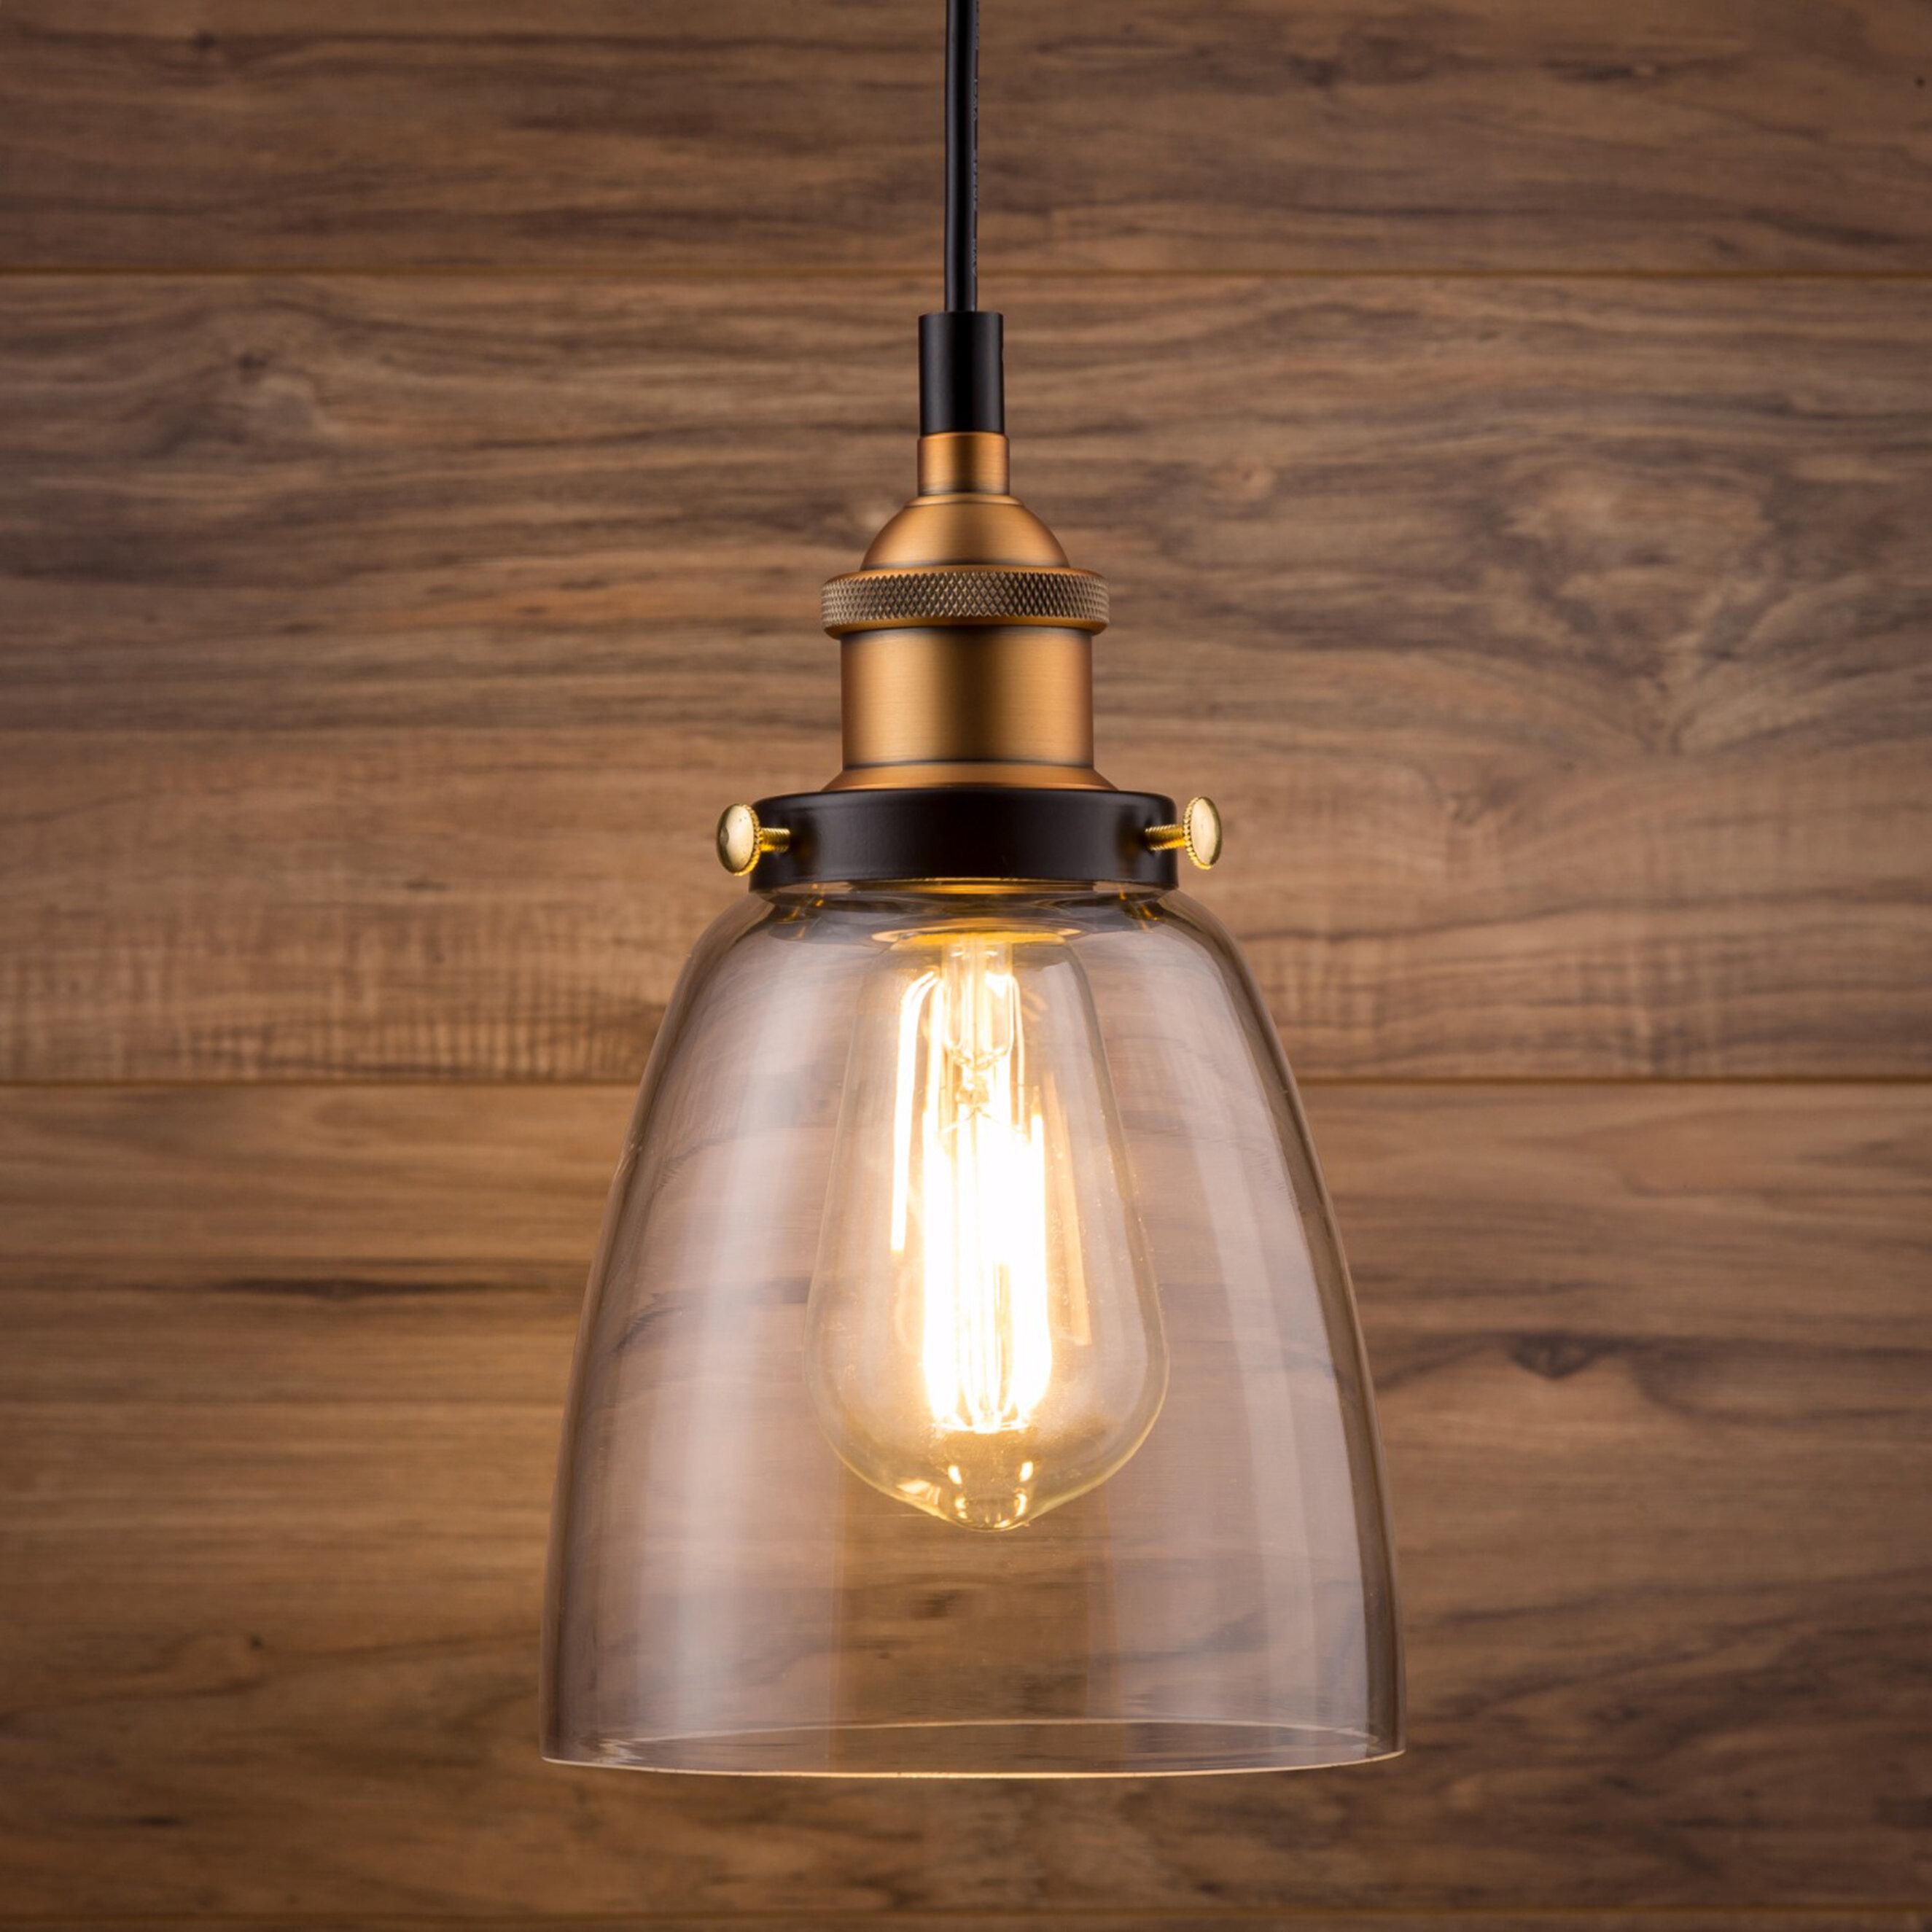 Bundaberg 1 Light Single Bell Pendant Intended For Houon 1 Light Cone Bell Pendants (View 19 of 30)